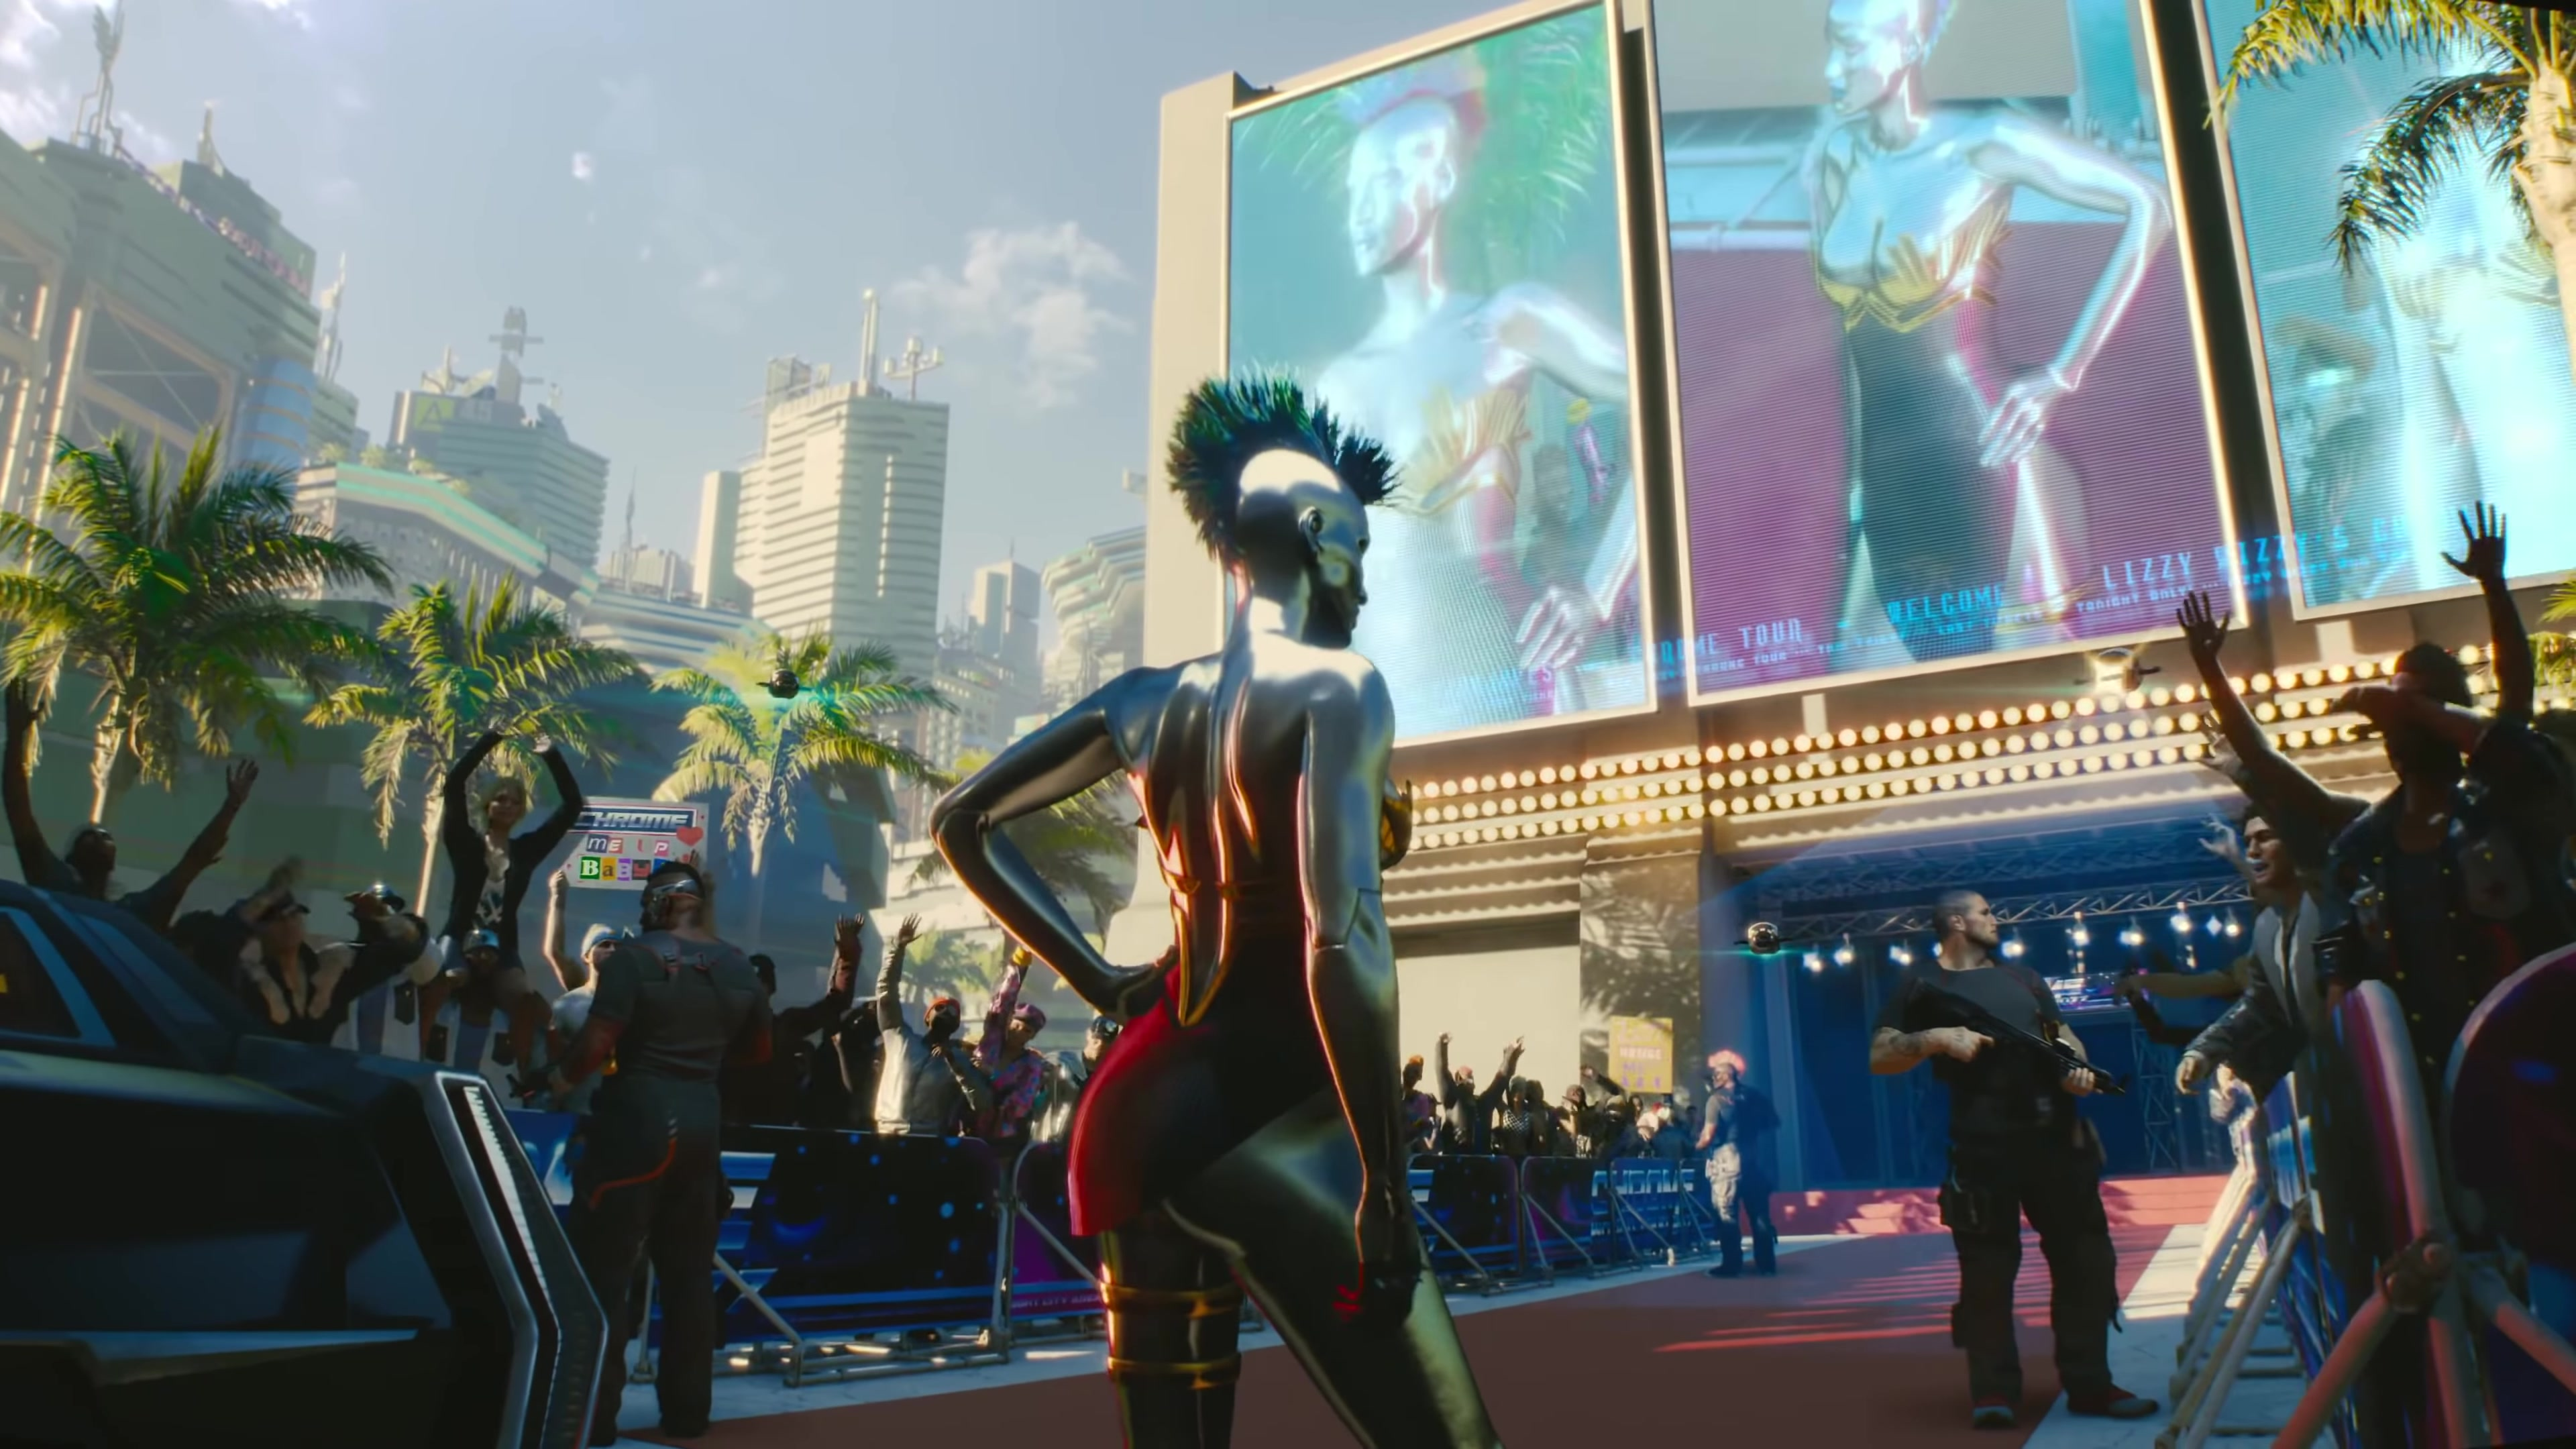 Cyberpunk 2077 064.jpg - Cyberpunk 2077